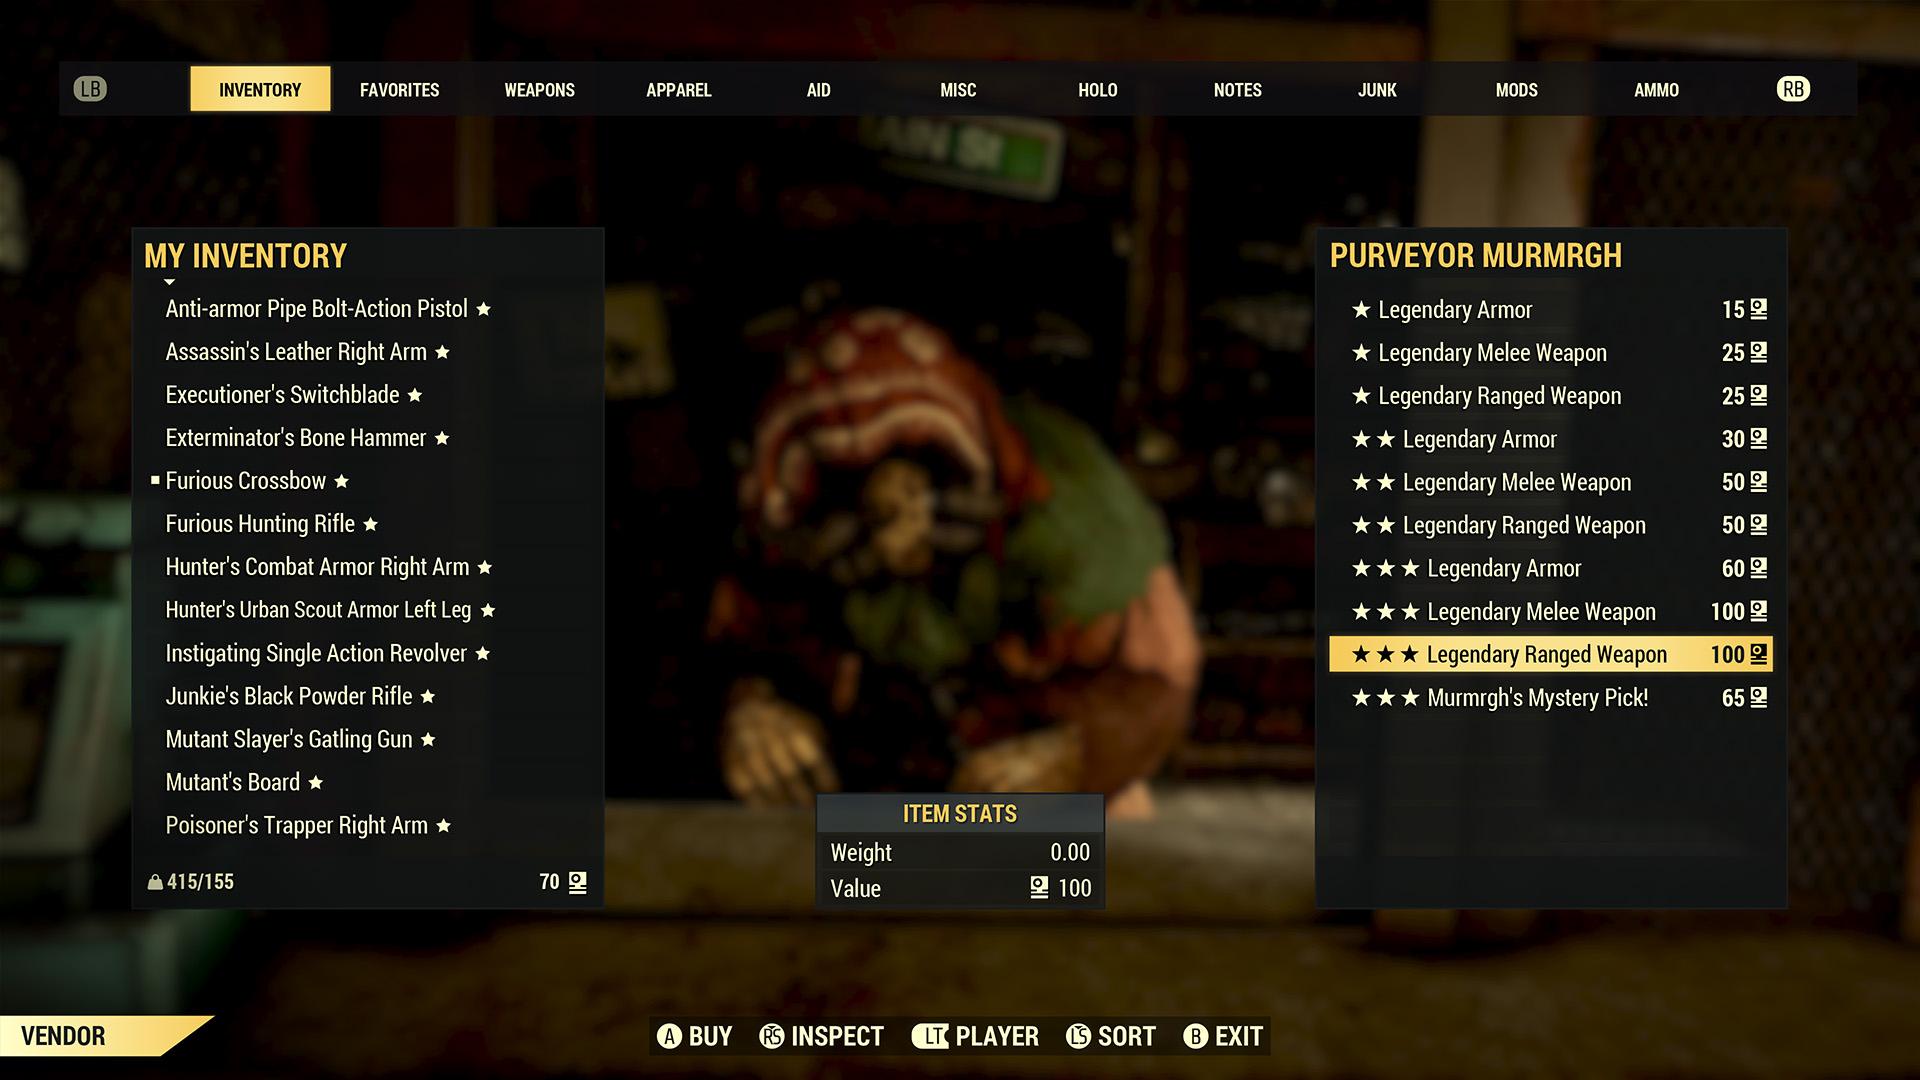 Gambling mechanics added to Fallout 76